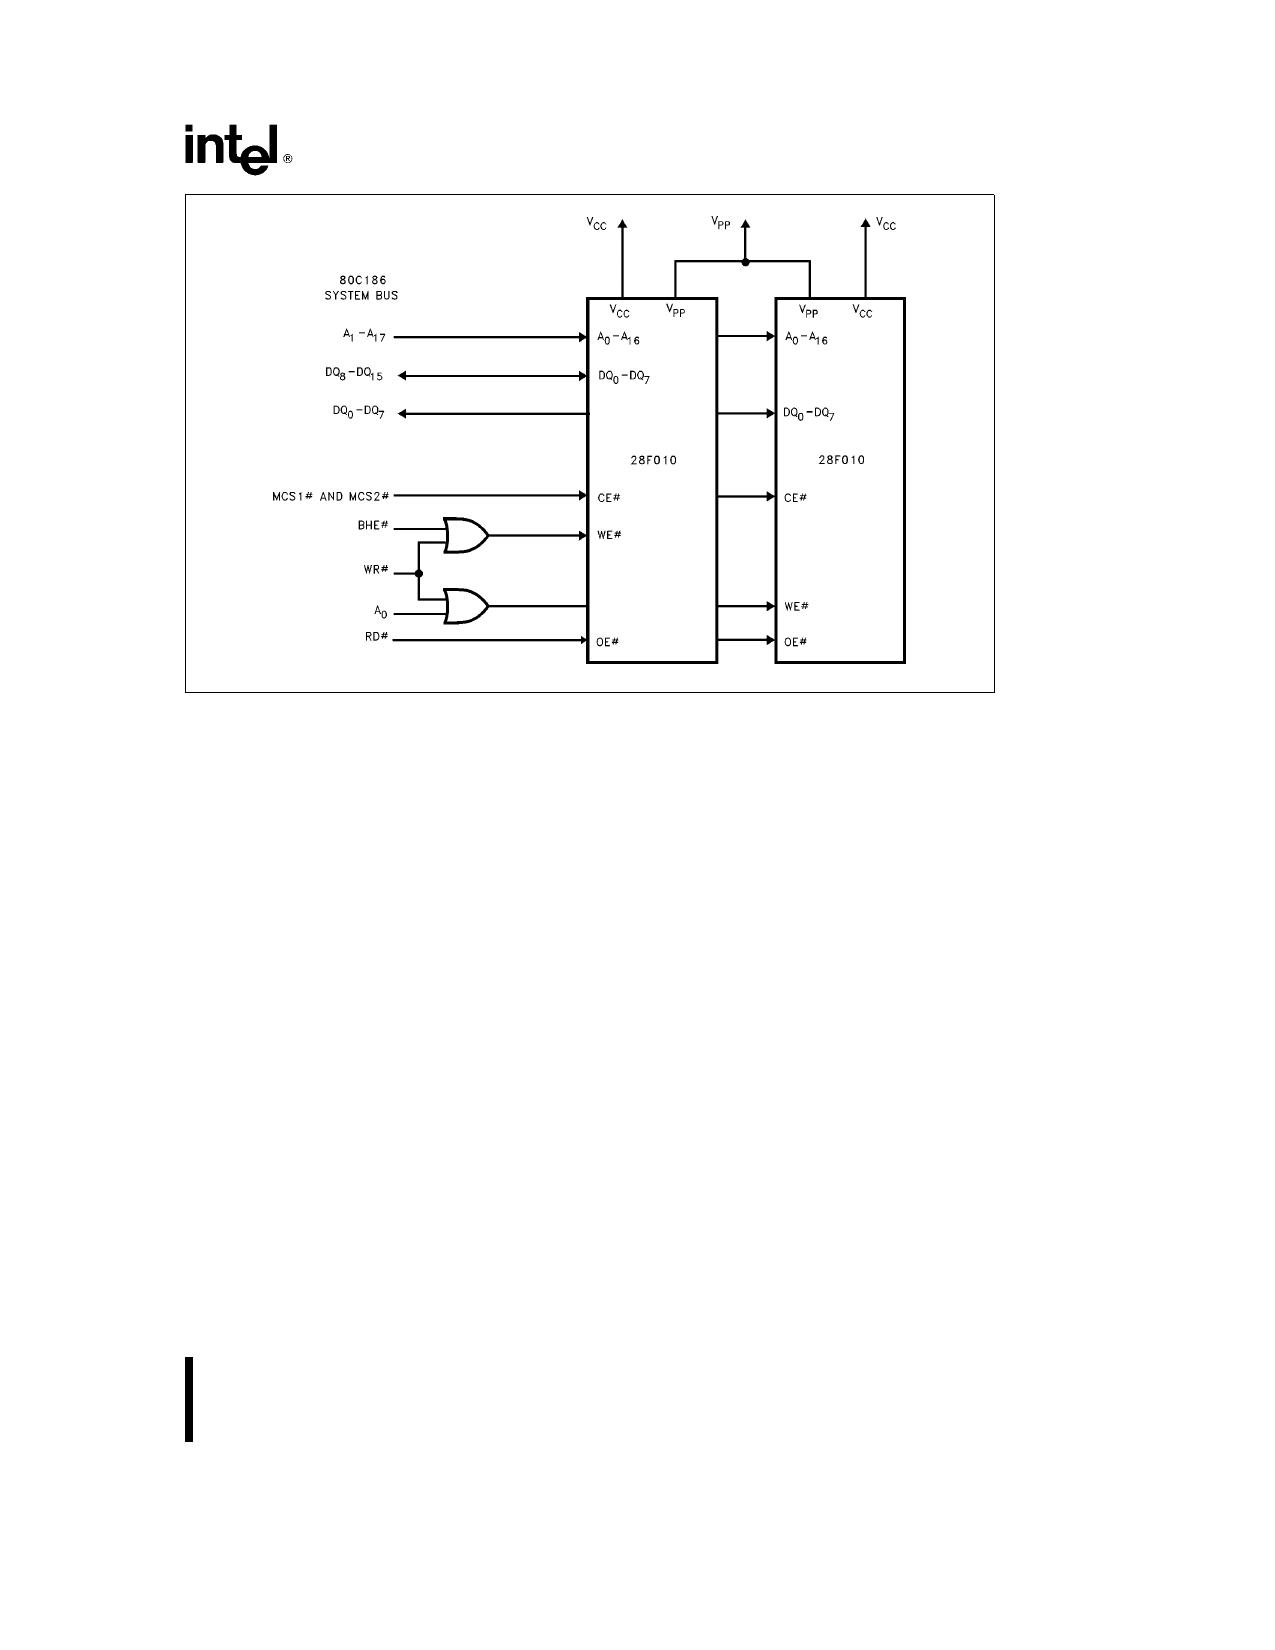 A28F010 equivalent